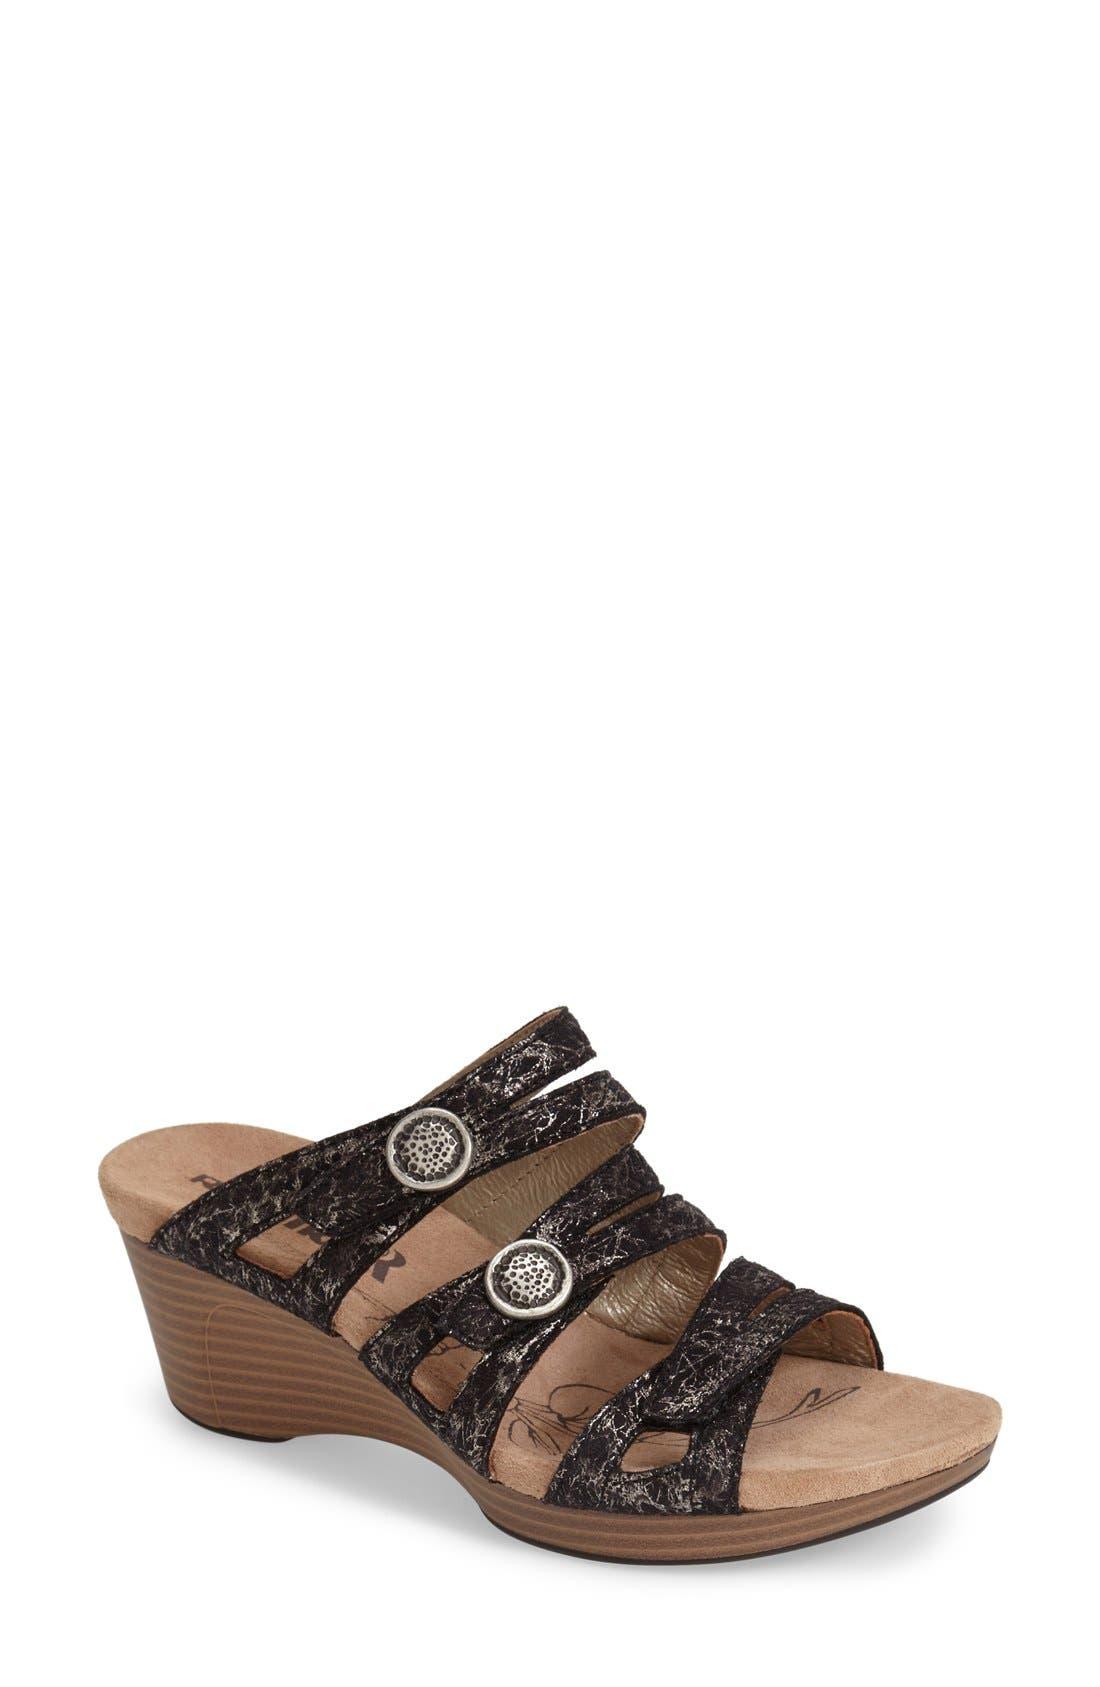 Main Image - Romika® 'Jamaika 02' Sandal